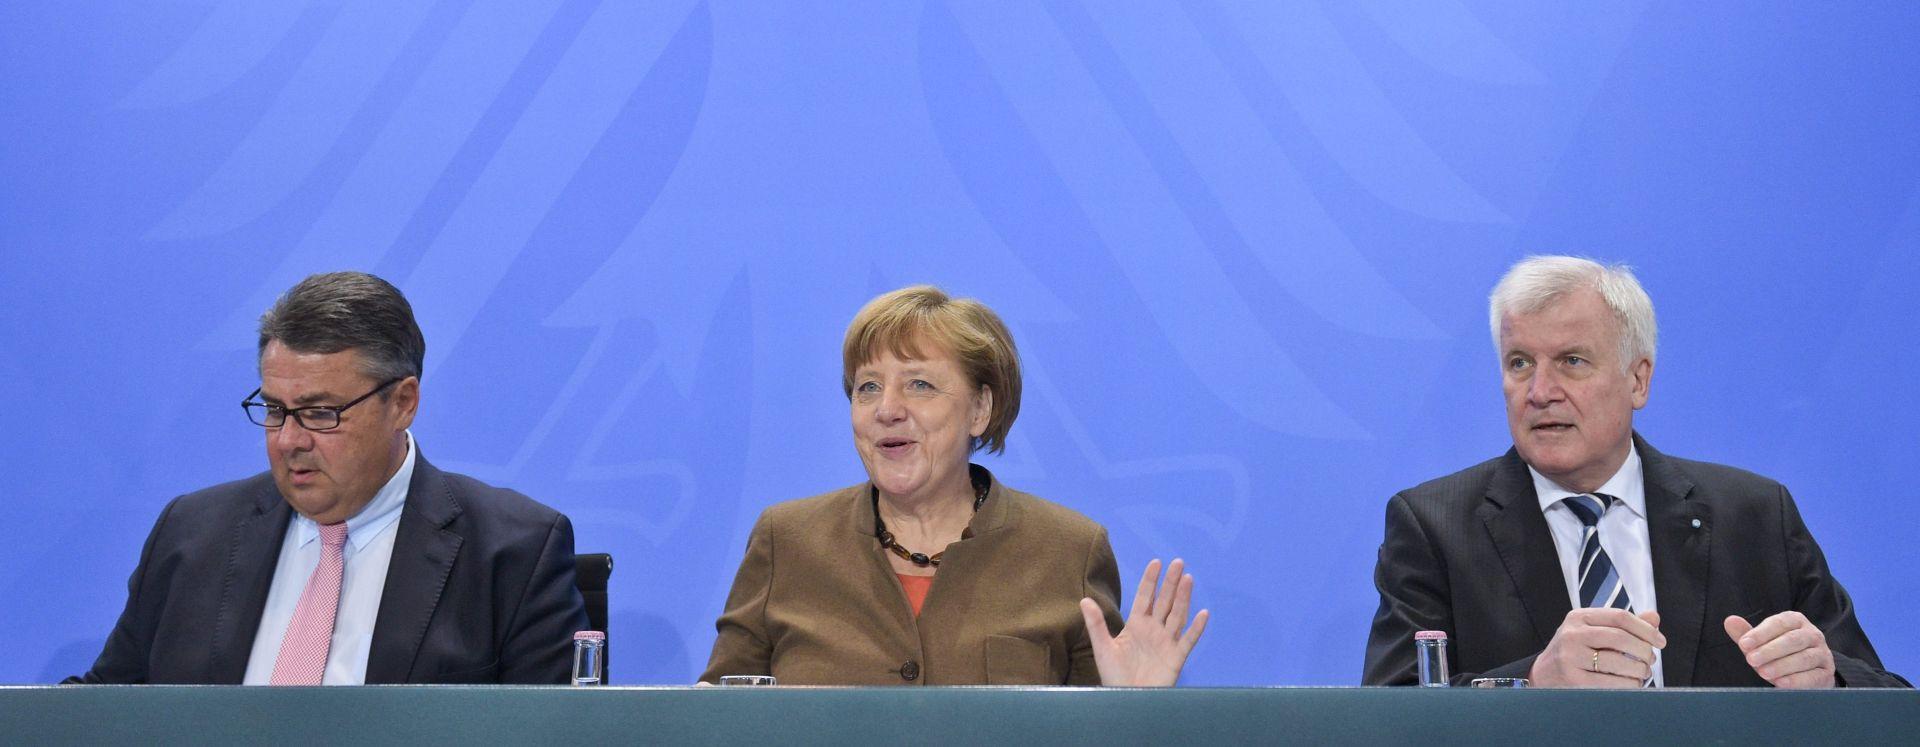 Koalicija Angele Merkel ne može se dogovoriti o idućem njemačkom predsjedniku